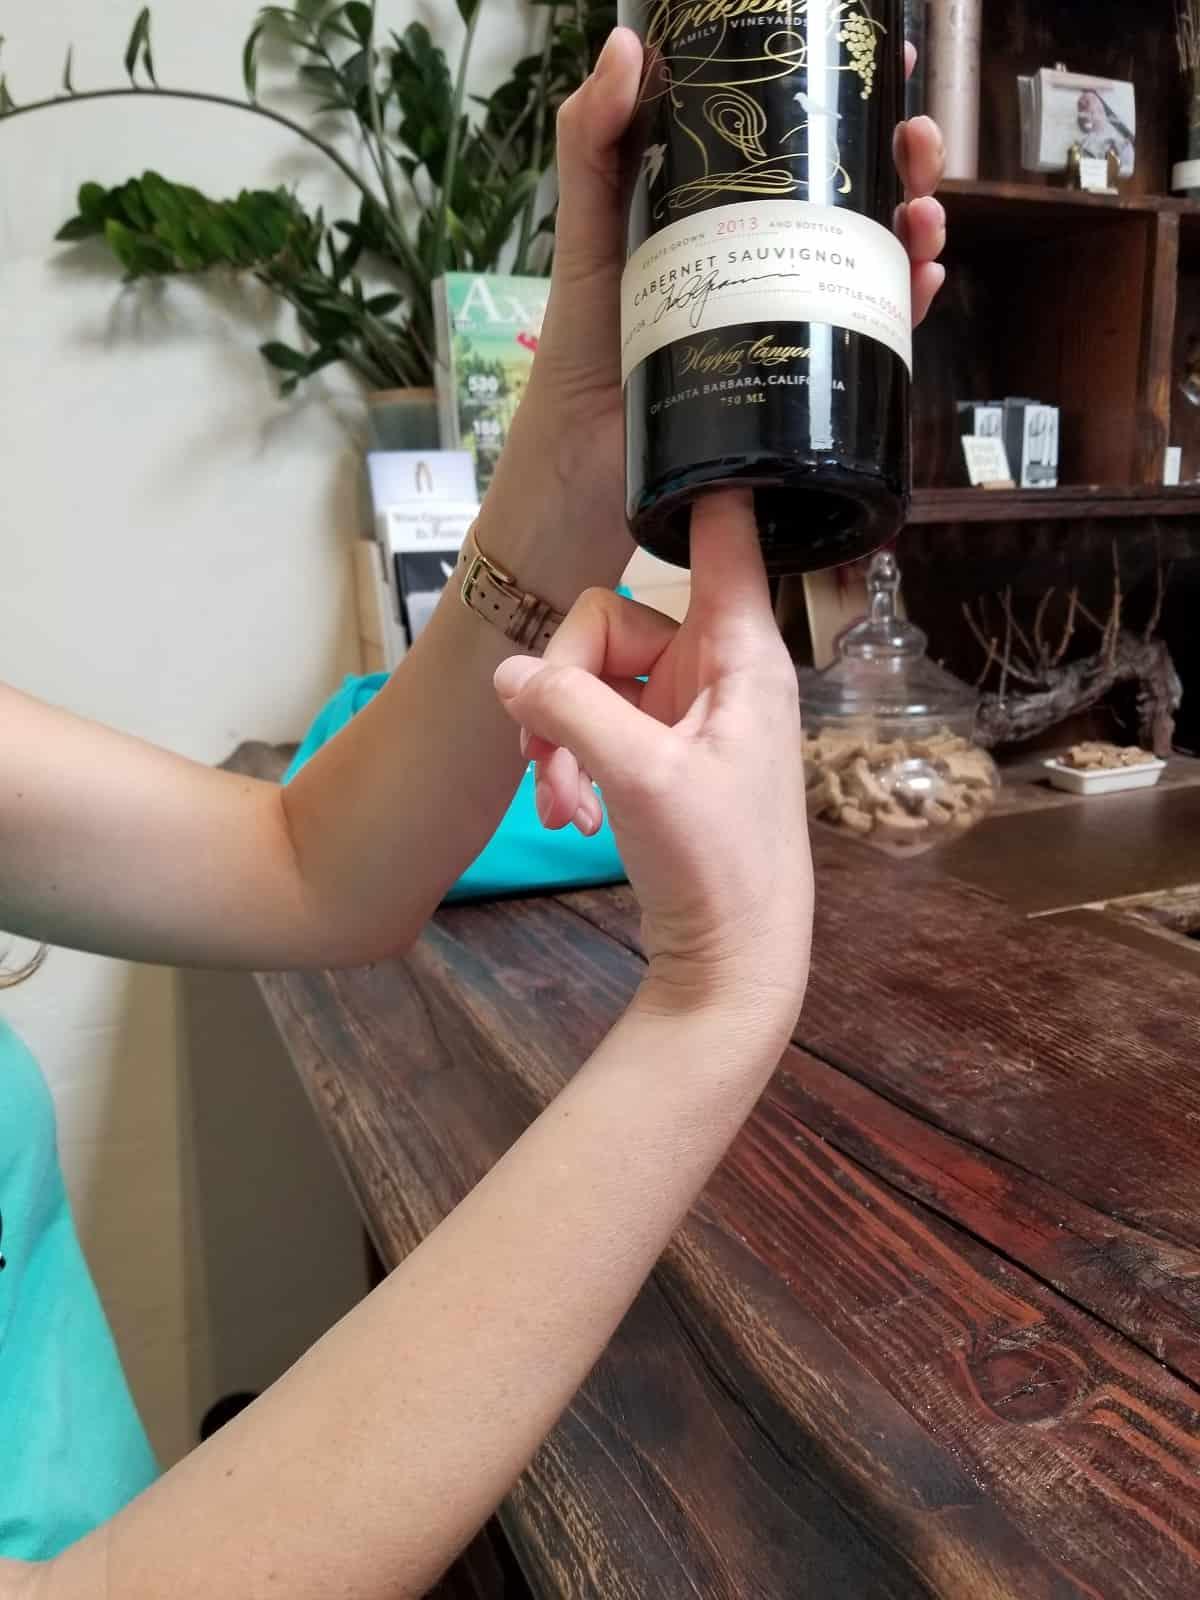 Dented bottom of wine bottle